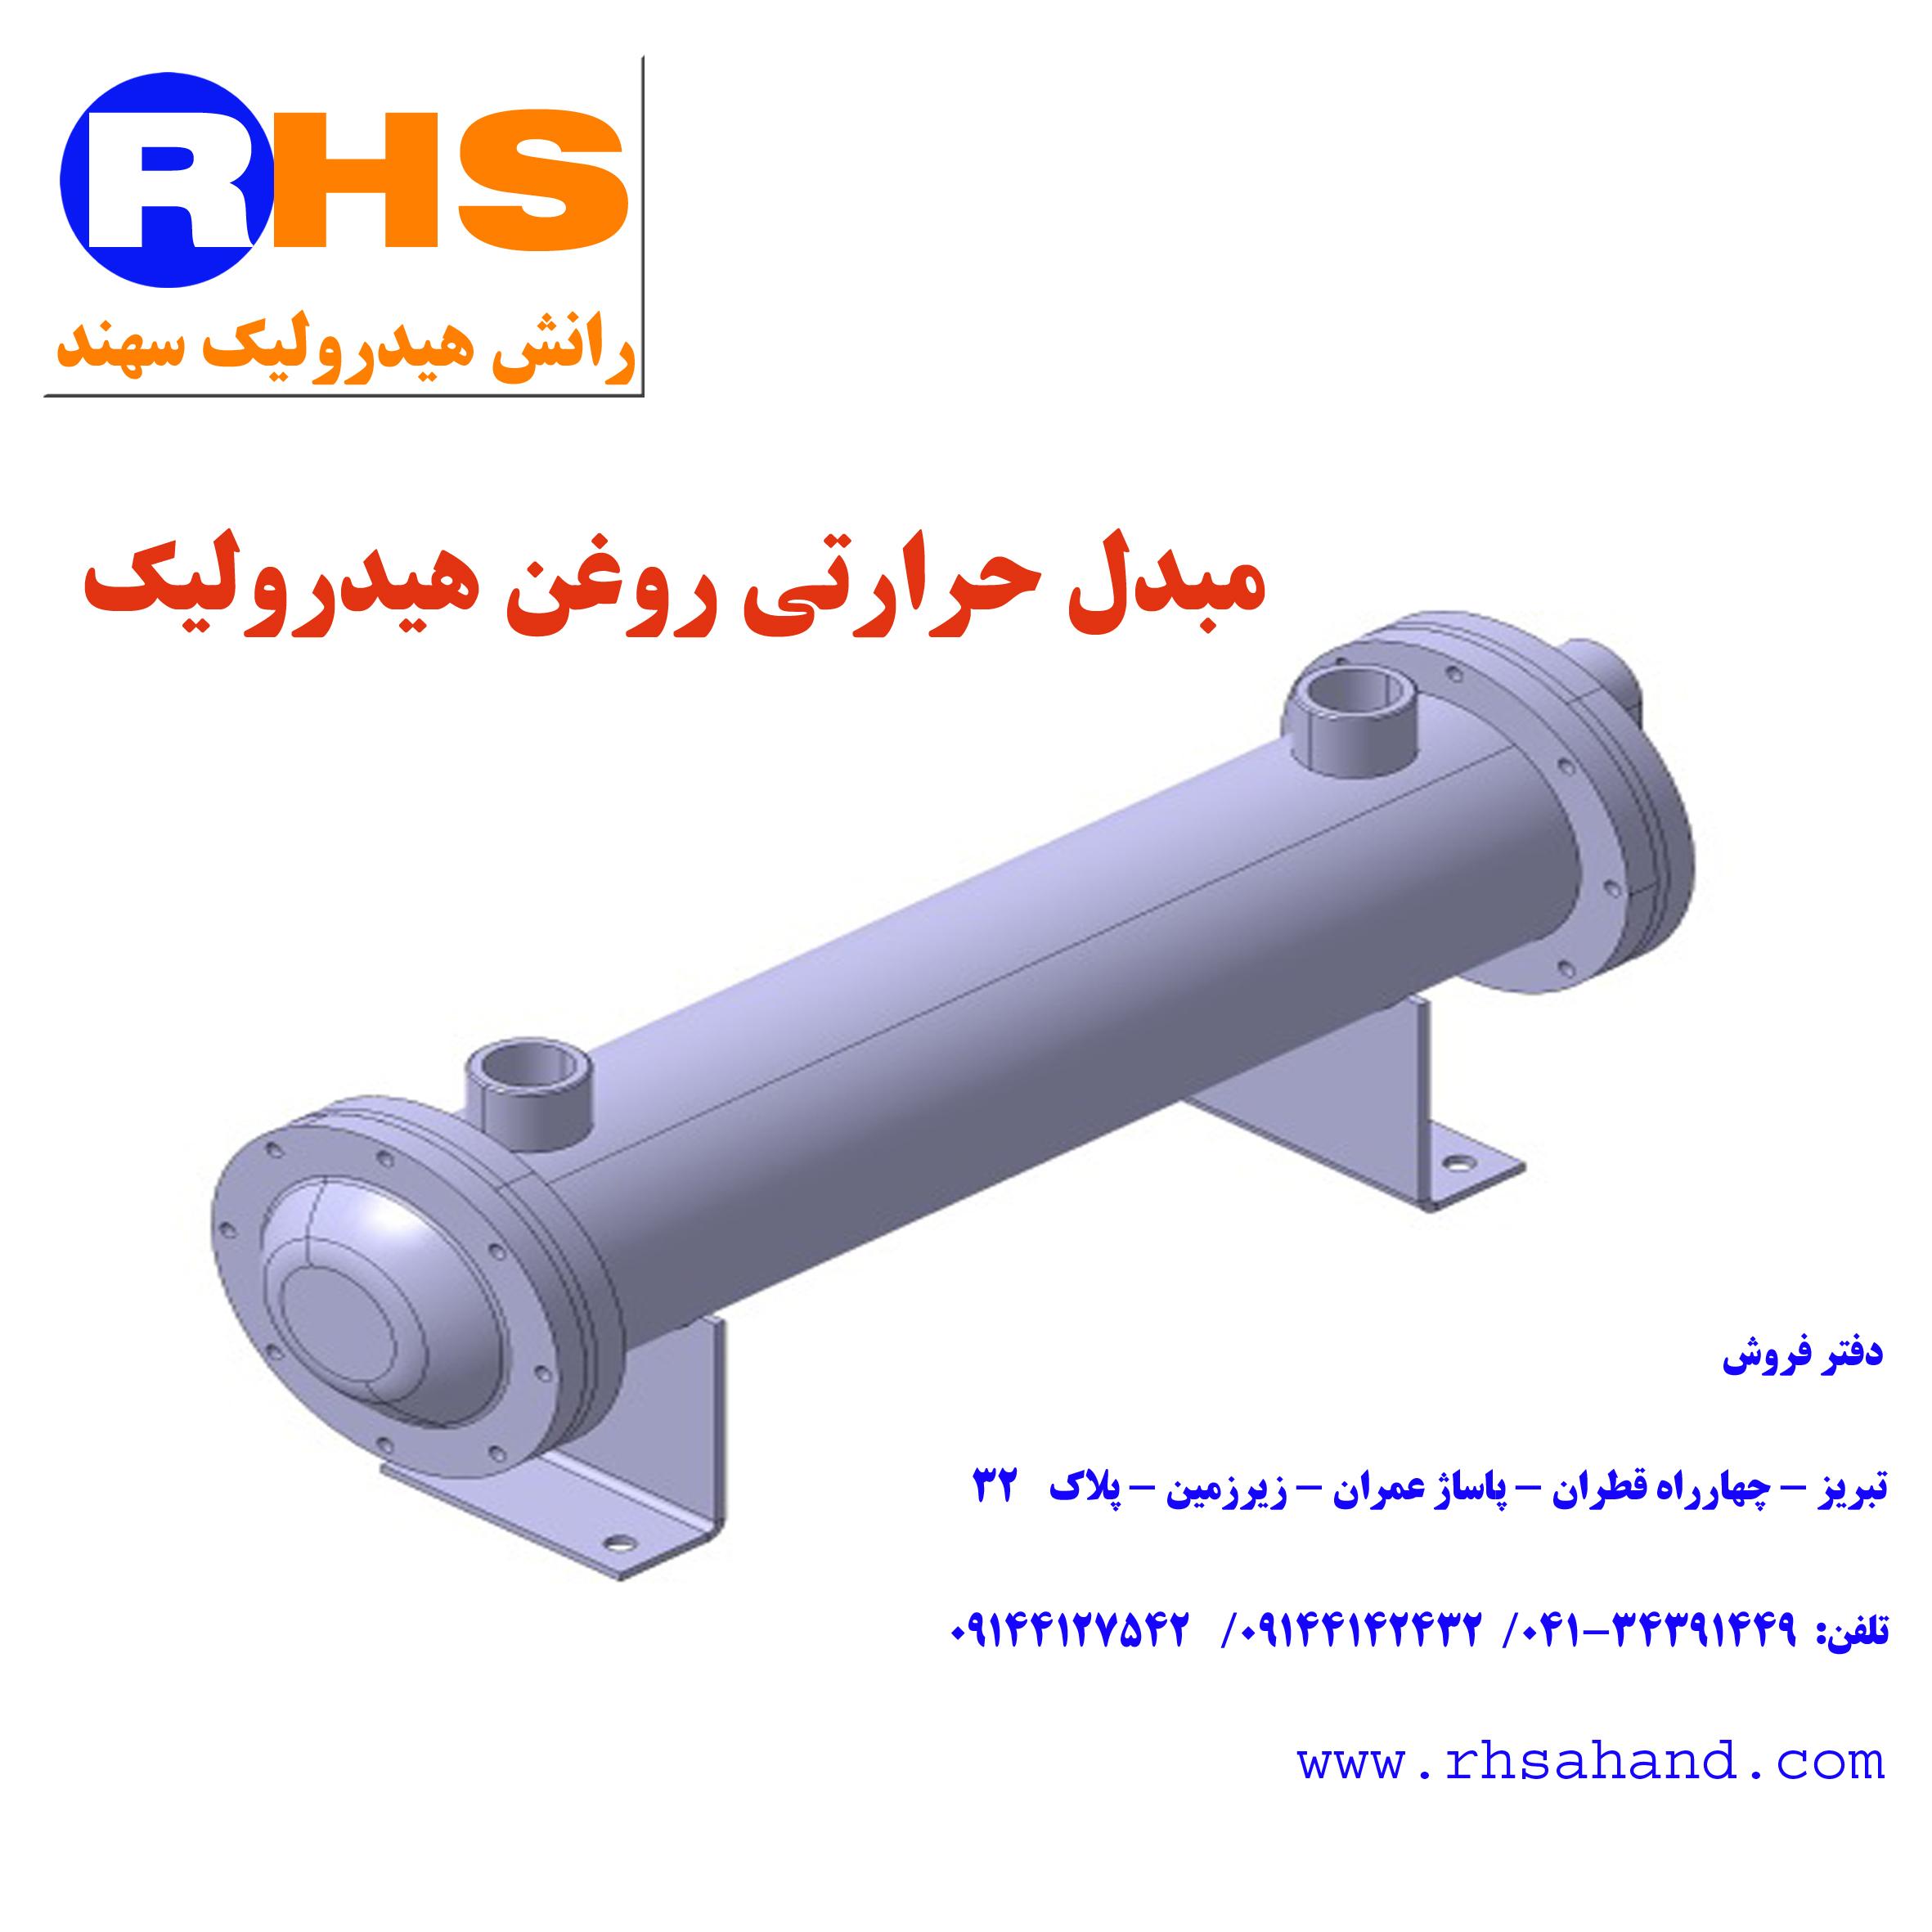 خنک کننده هیدرولیک – صنایع فورج